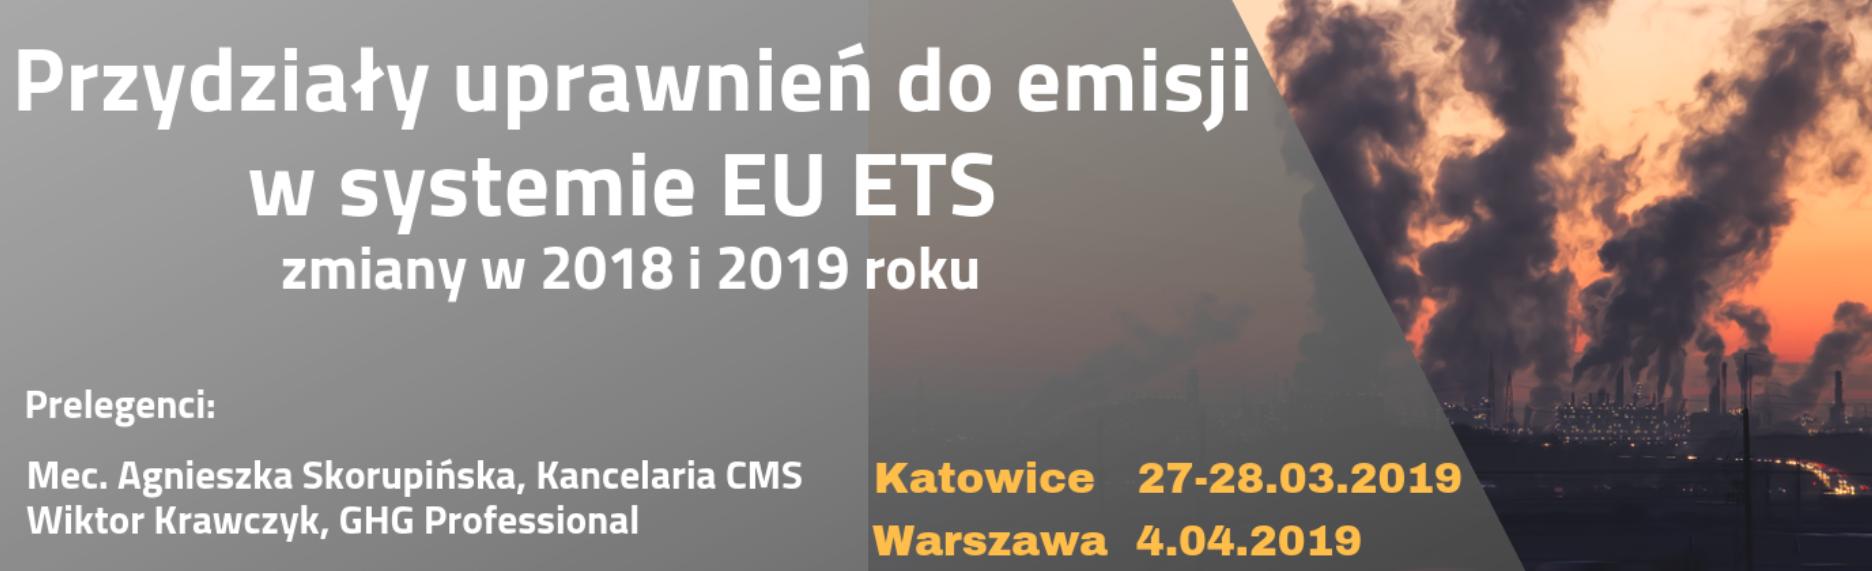 Szkolenie: Przydziały uprawnień do emisji w systemie EU ETS